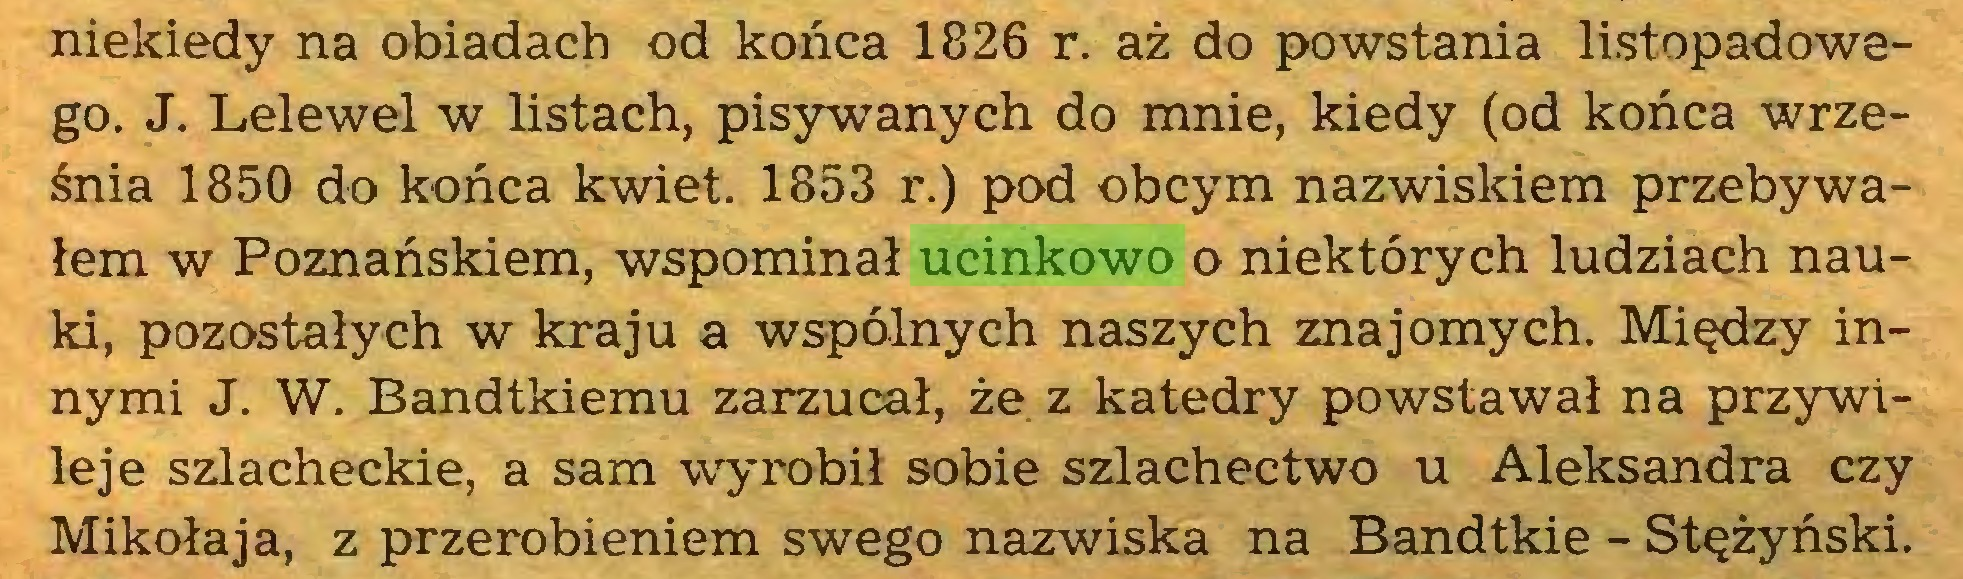 (...) niekiedy na obiadach od końca 1826 r. aż do powstania listopadowego. J. Lelewel w listach, pisywanych do mnie, kiedy (od końca września 1850 do końca kwiet. 1853 r.) pod obcym nazwiskiem przebywałem w Poznańskiem, wspominał ucinkowo o niektórych ludziach nauki, pozostałych w kraju a wspólnych naszych znajomych. Między innymi J. W. Bandtkiemu zarzucał, że z katedry powstawał na przywileje szlacheckie, a sam -wyrobił sobie szlachectwo u Aleksandra czy Mikołaja, z przerobieniem swego nazwiska na Bandtkie - Stężyński...